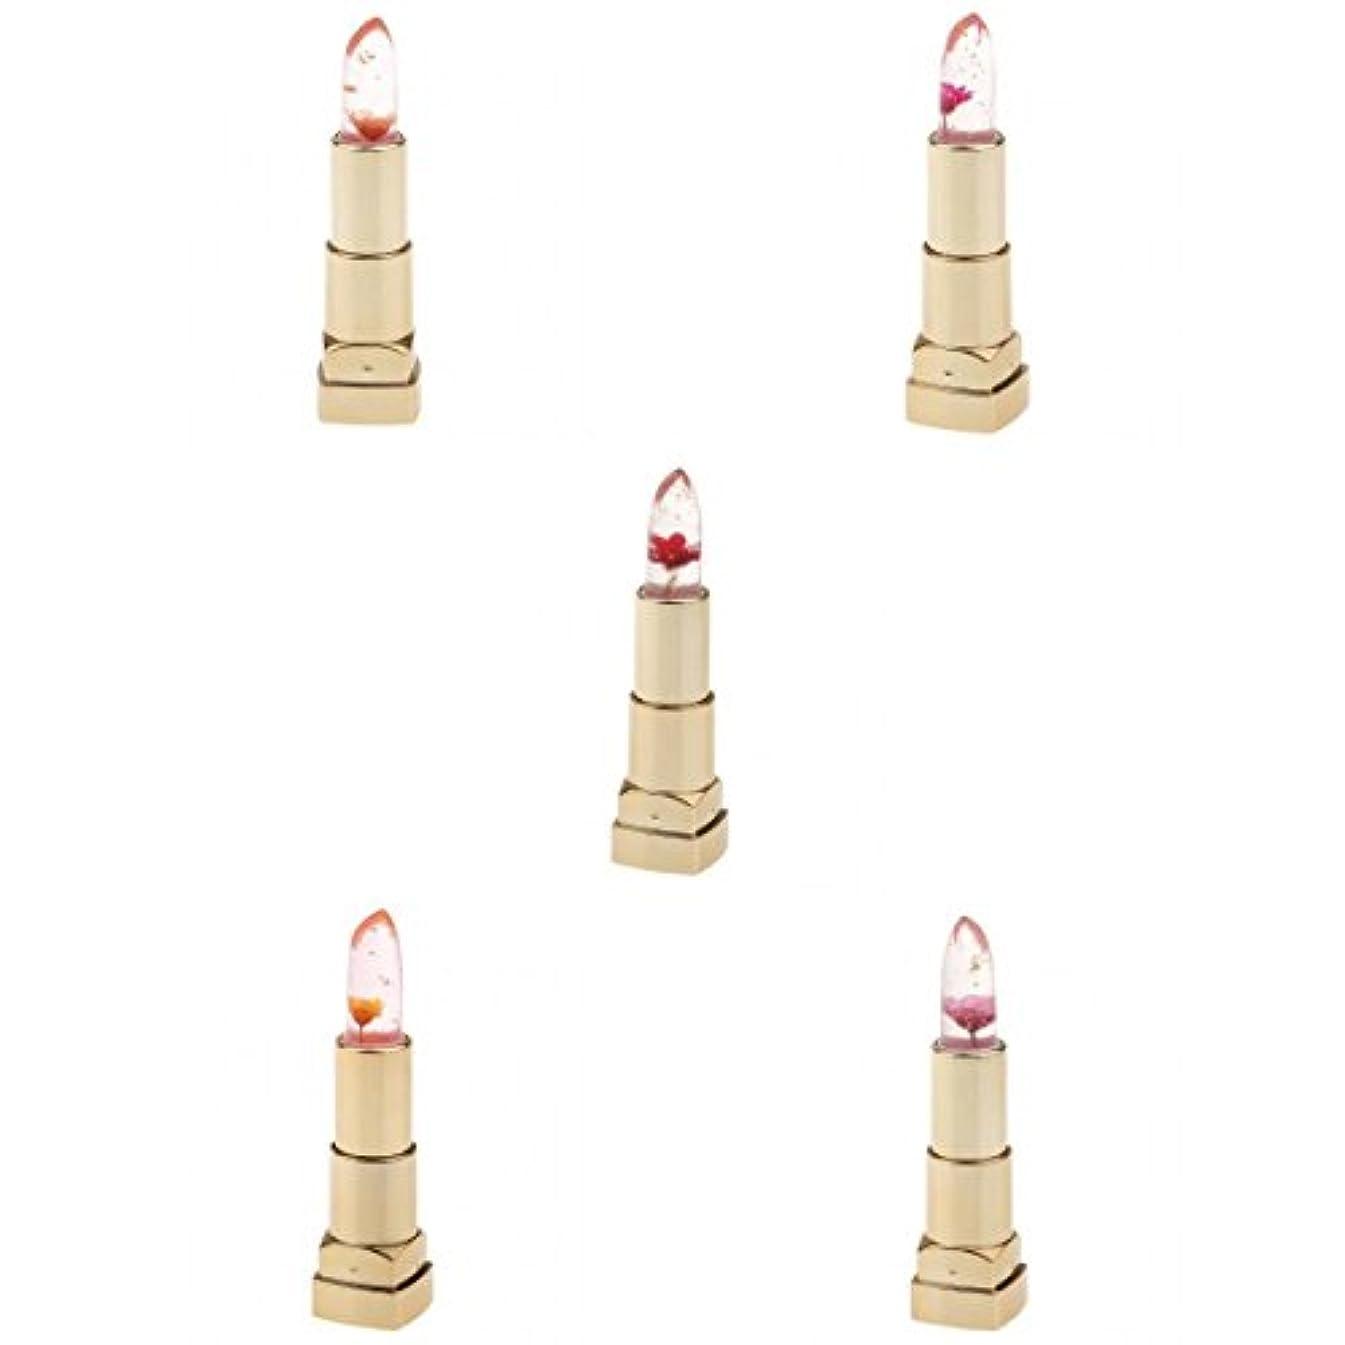 パラシュート接地ディレイリップスティック 口紅 透明 色変化 お花 リップグロス 保湿 防水 持久 おしゃれ 3個入り - #1